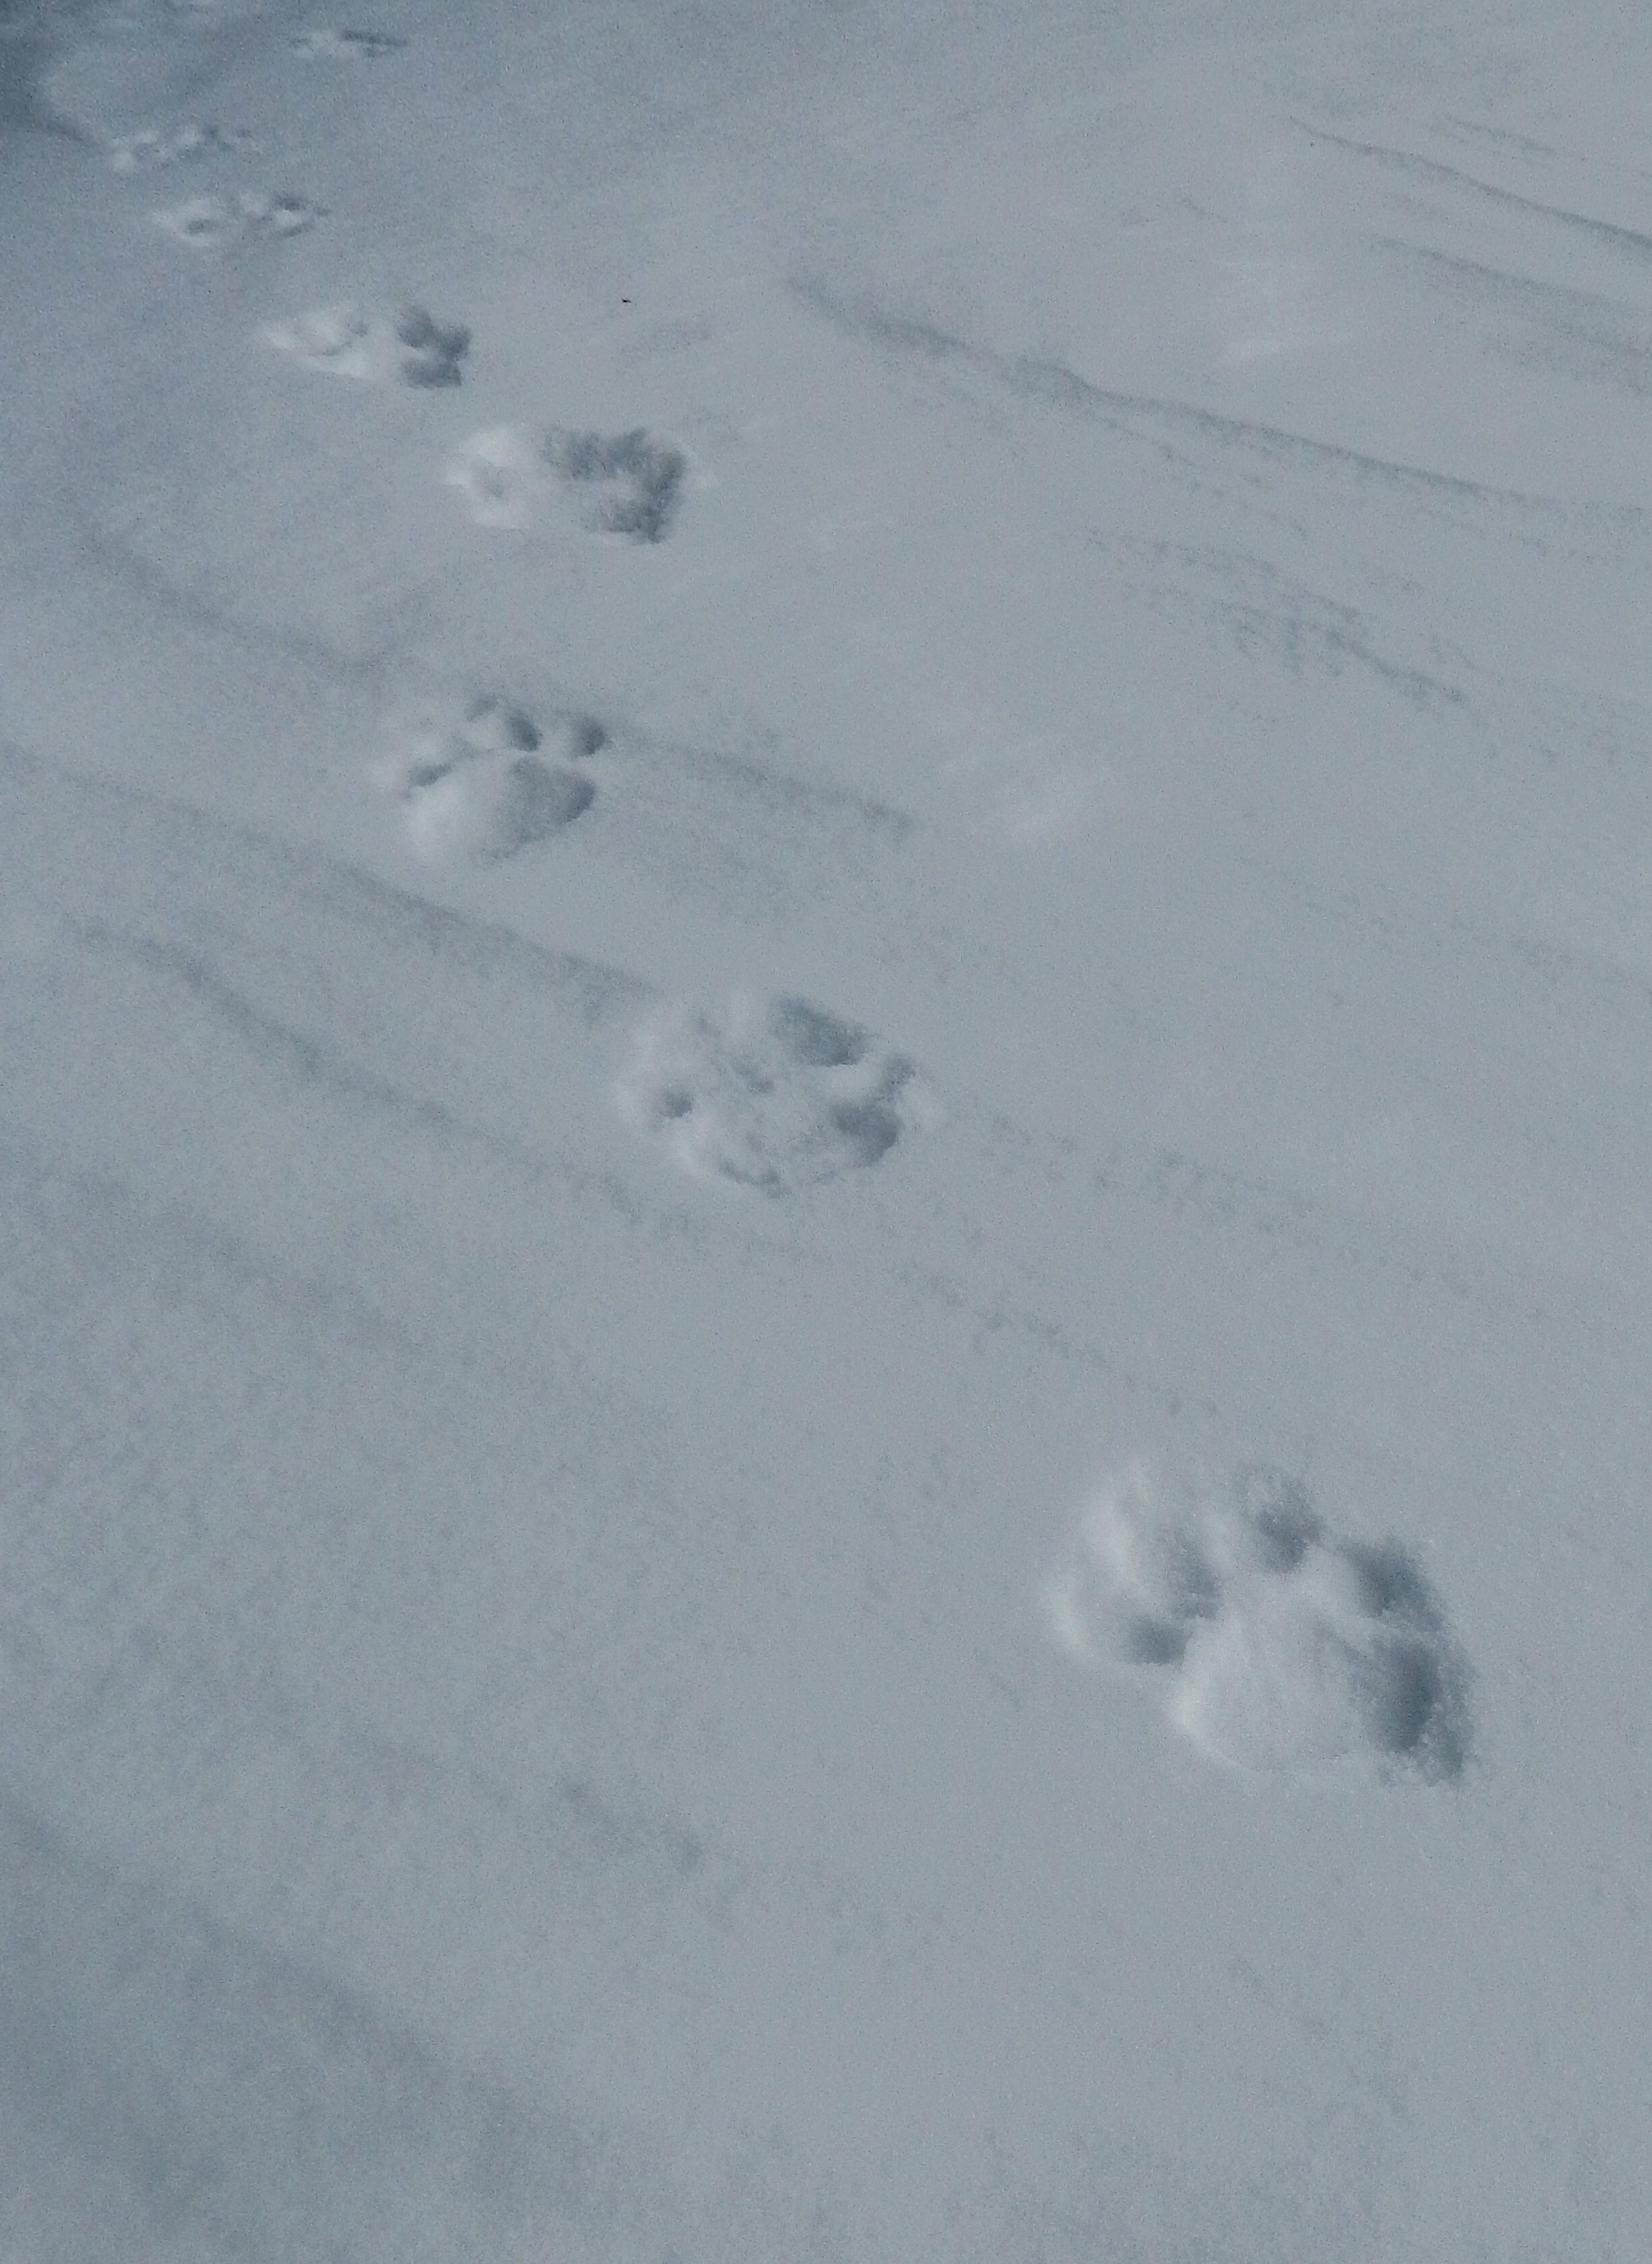 Snow Leopard tracks near high camp